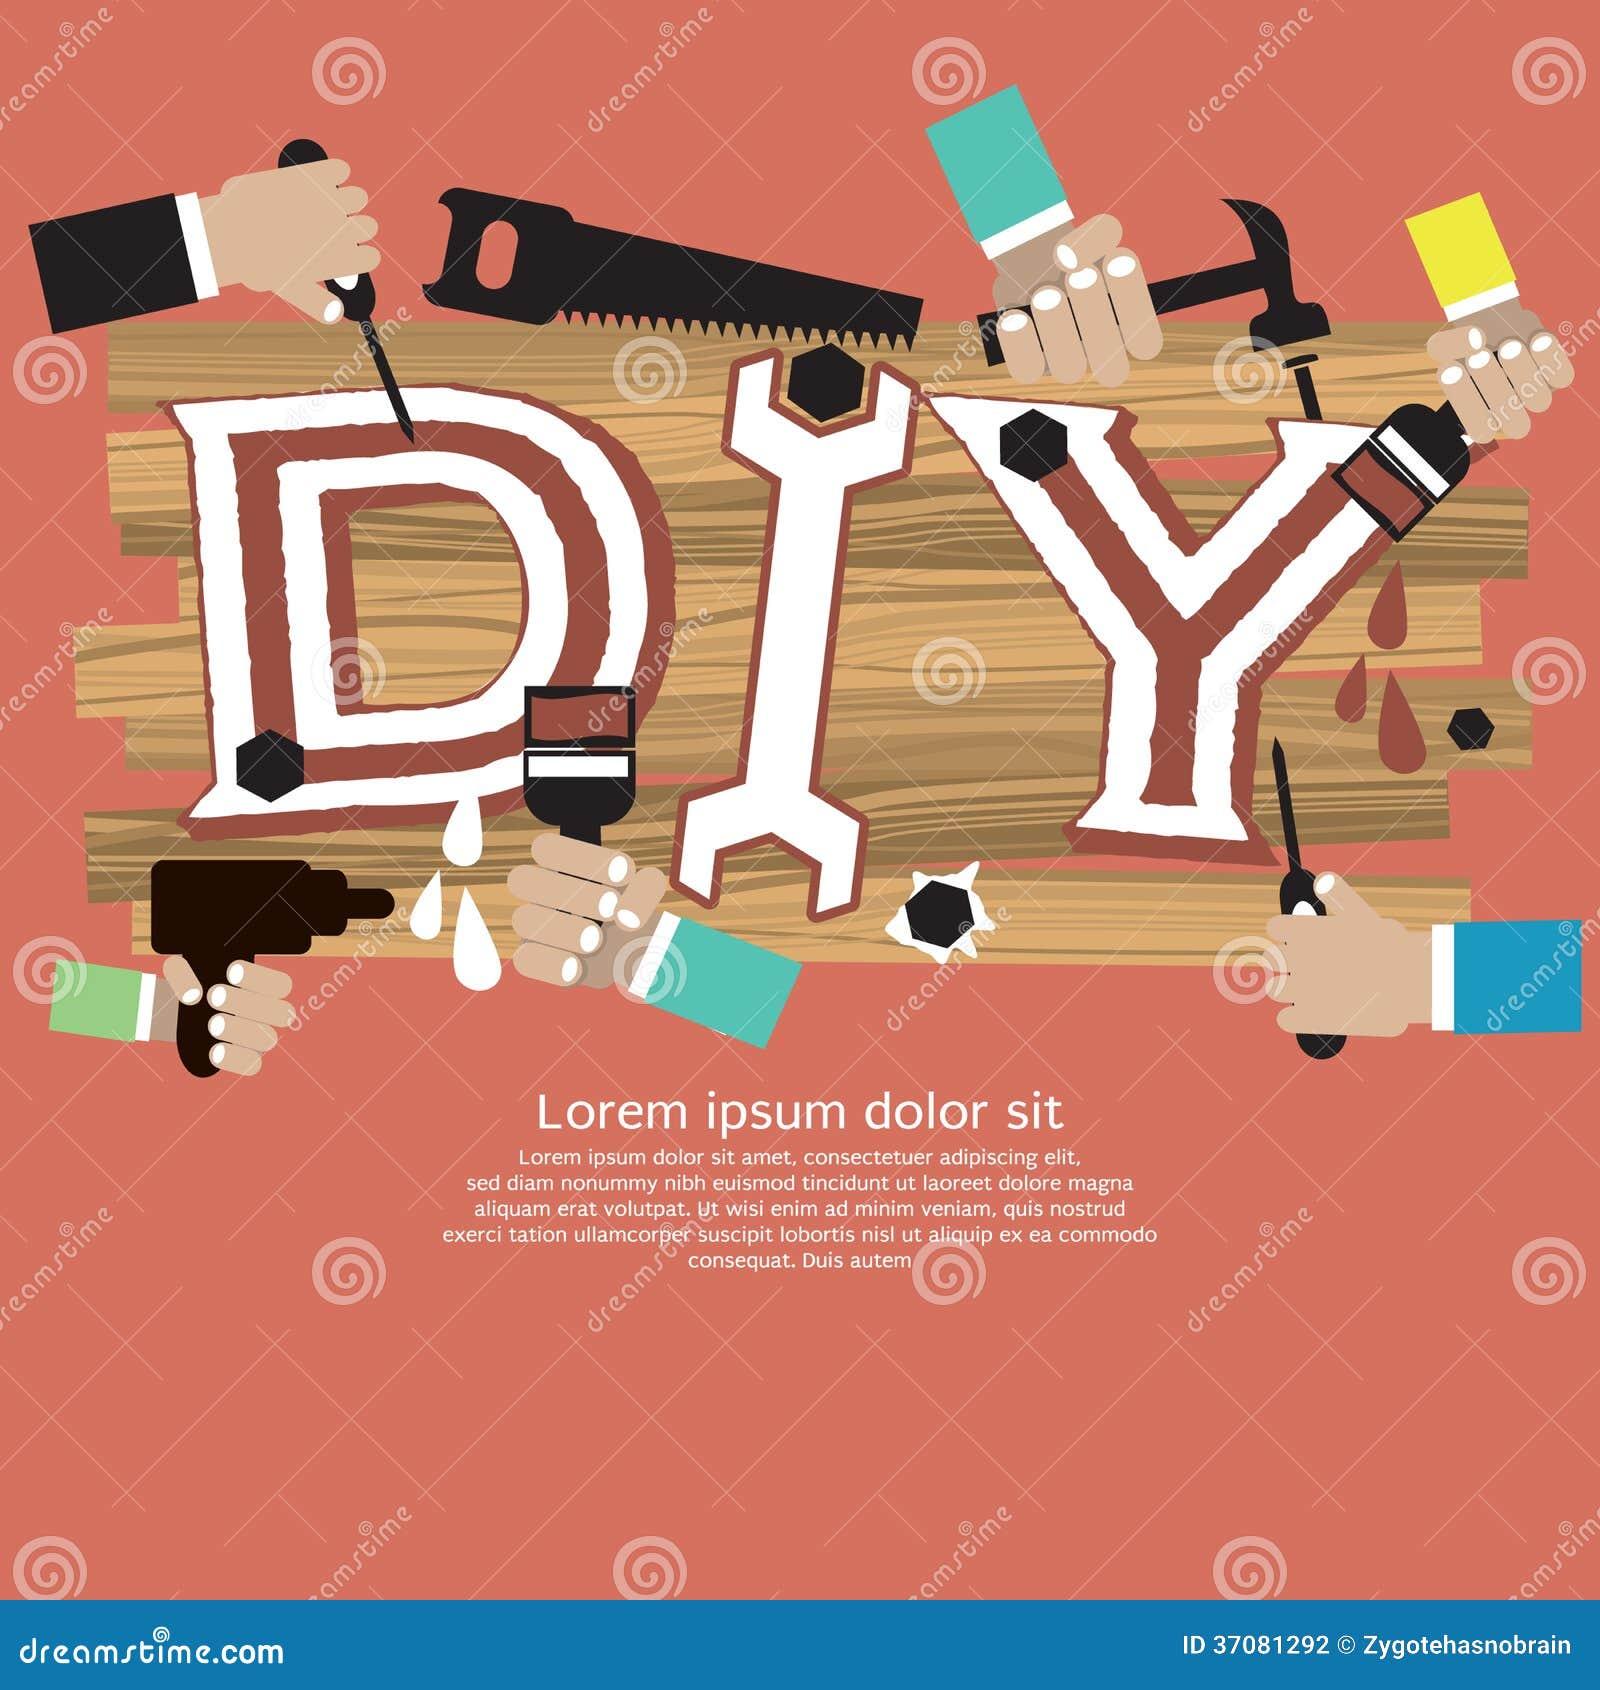 DIY-Concept.